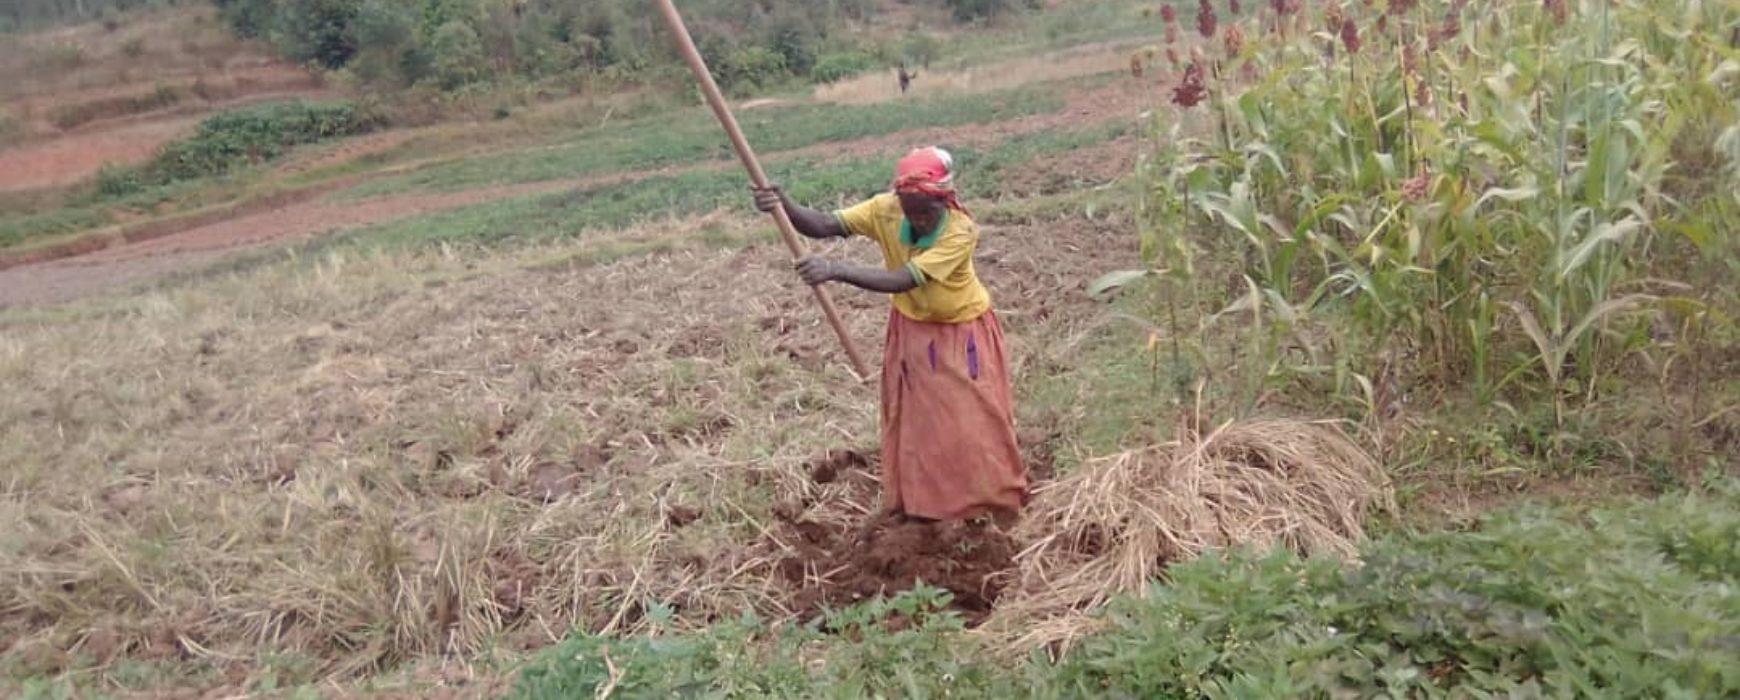 PRRPB : un atelier pour sécuriser les droits fonciers des plus vulnérables